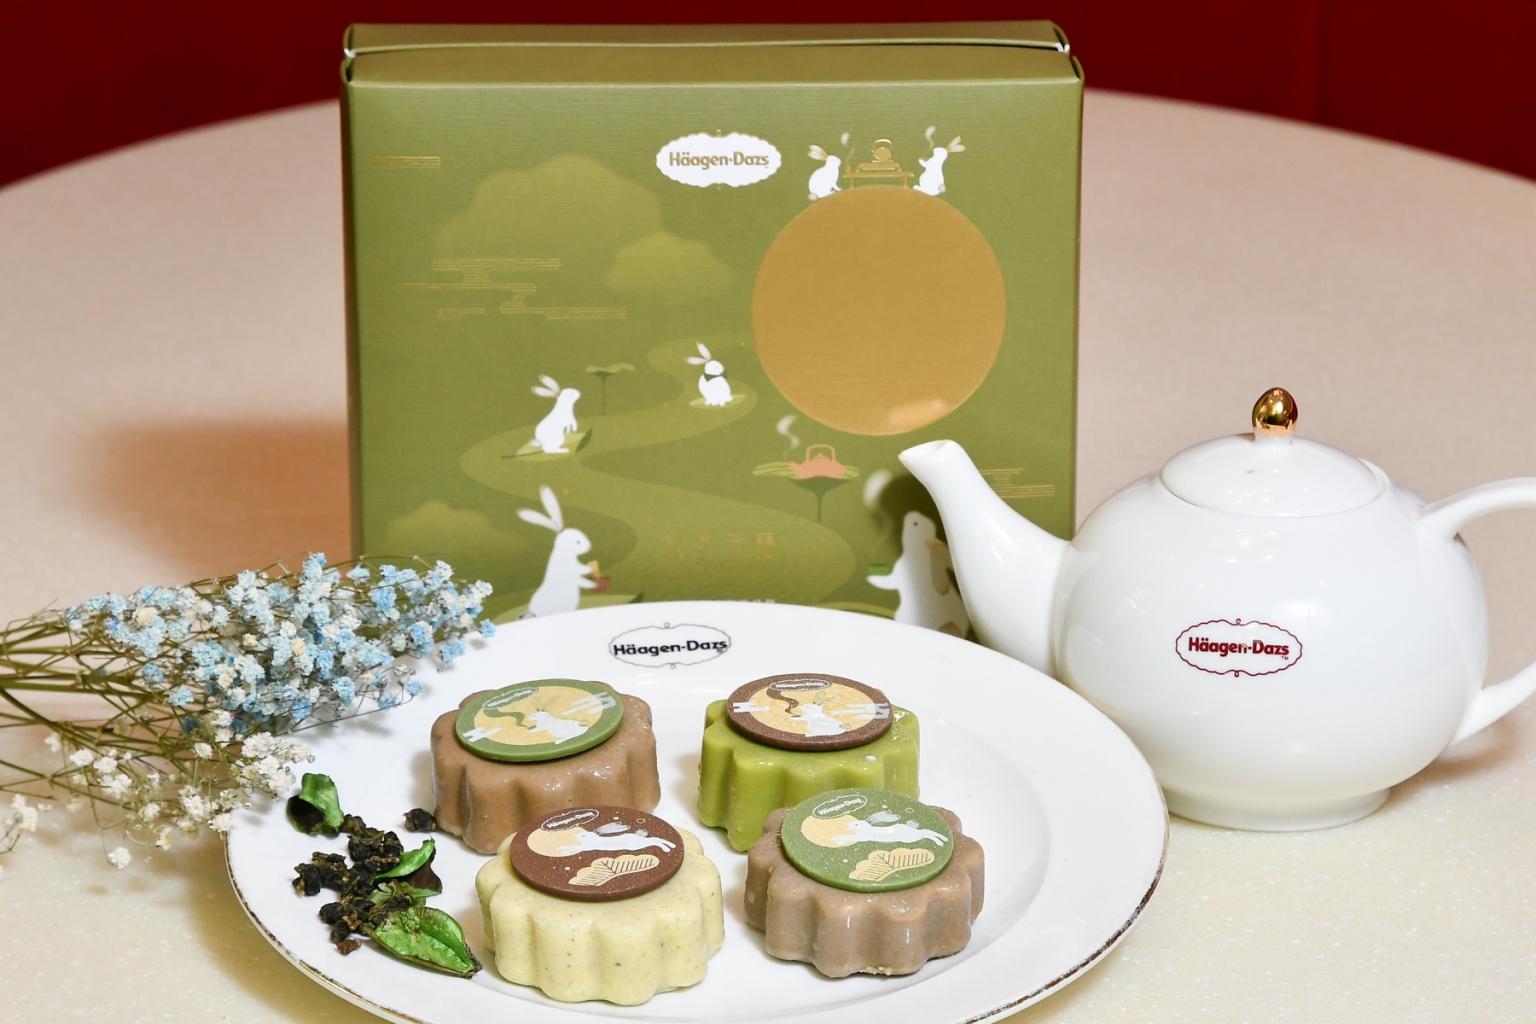 「秋月茶韻」為häagen Dazs結合消費者飲食喜好趨勢推出的創新禮盒,門市詢問度爆表,展現超高人氣!